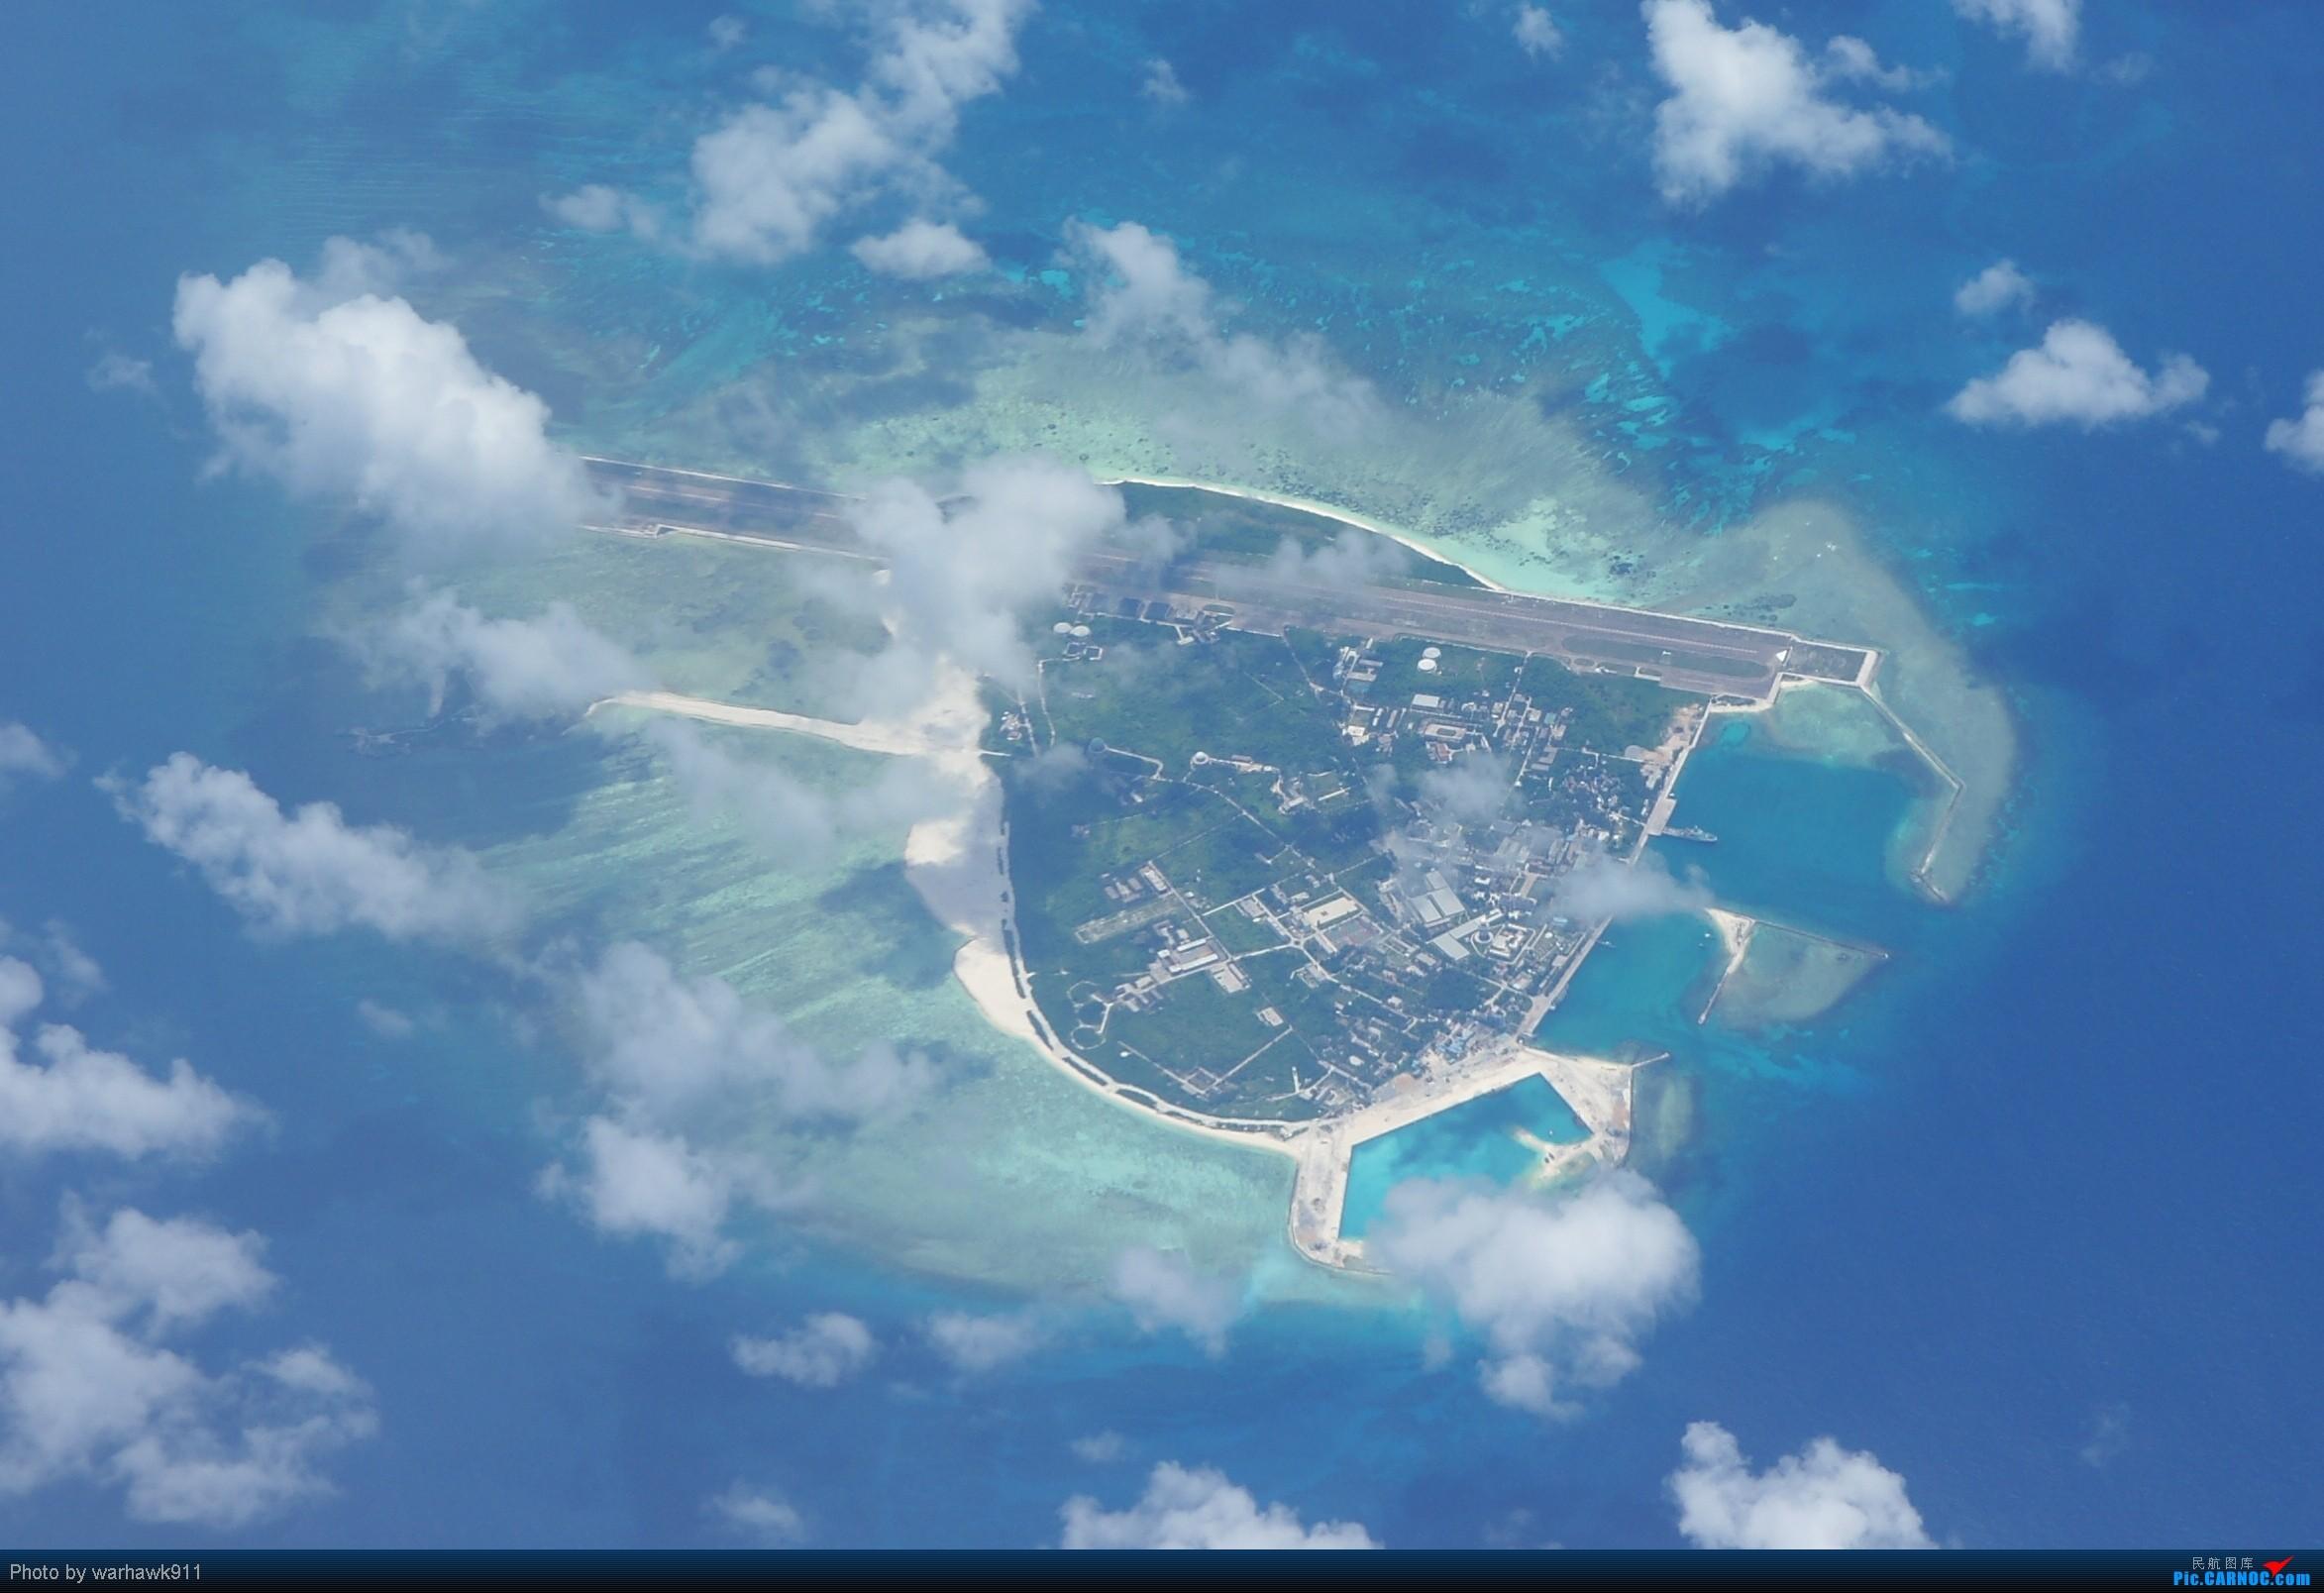 航线上拍摄到的西沙永兴岛,岛上有一条跑道